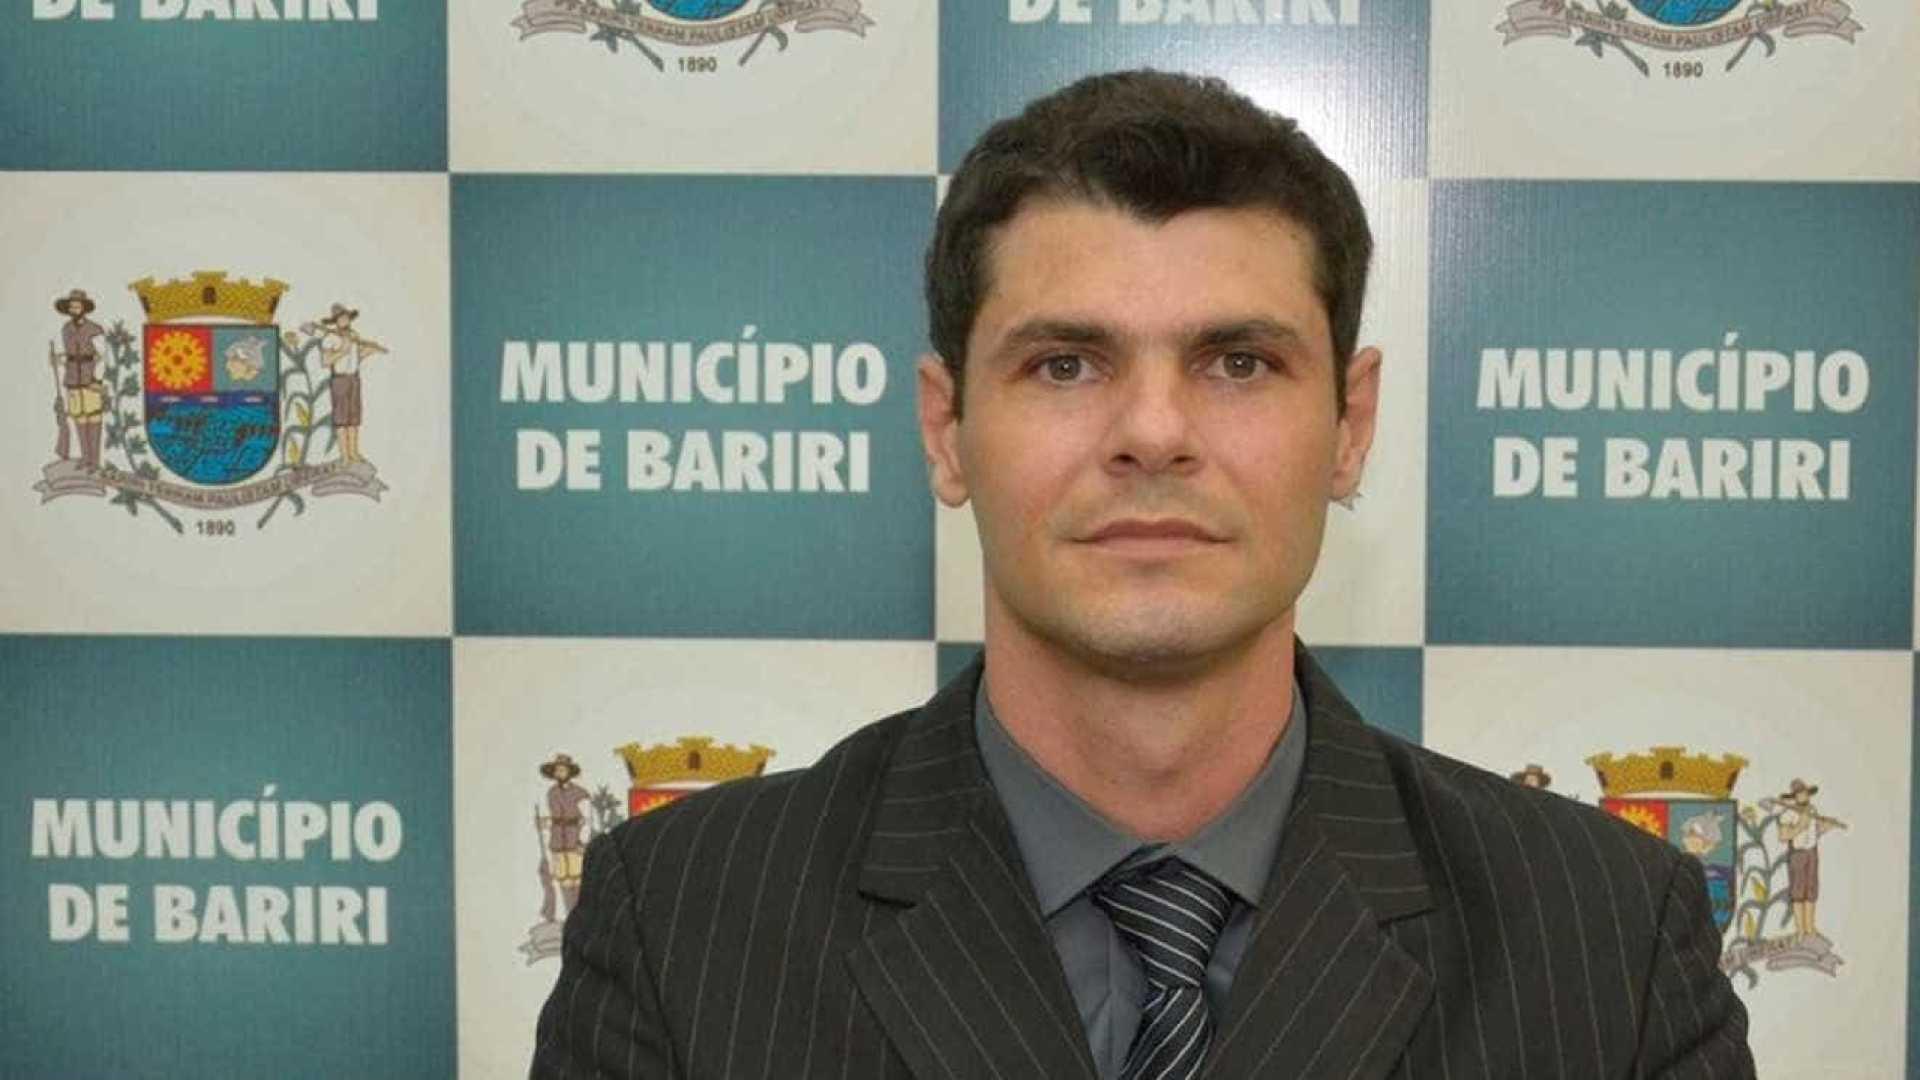 PSDB expulsa prefeito suspeito de abusar sexualmente de menor